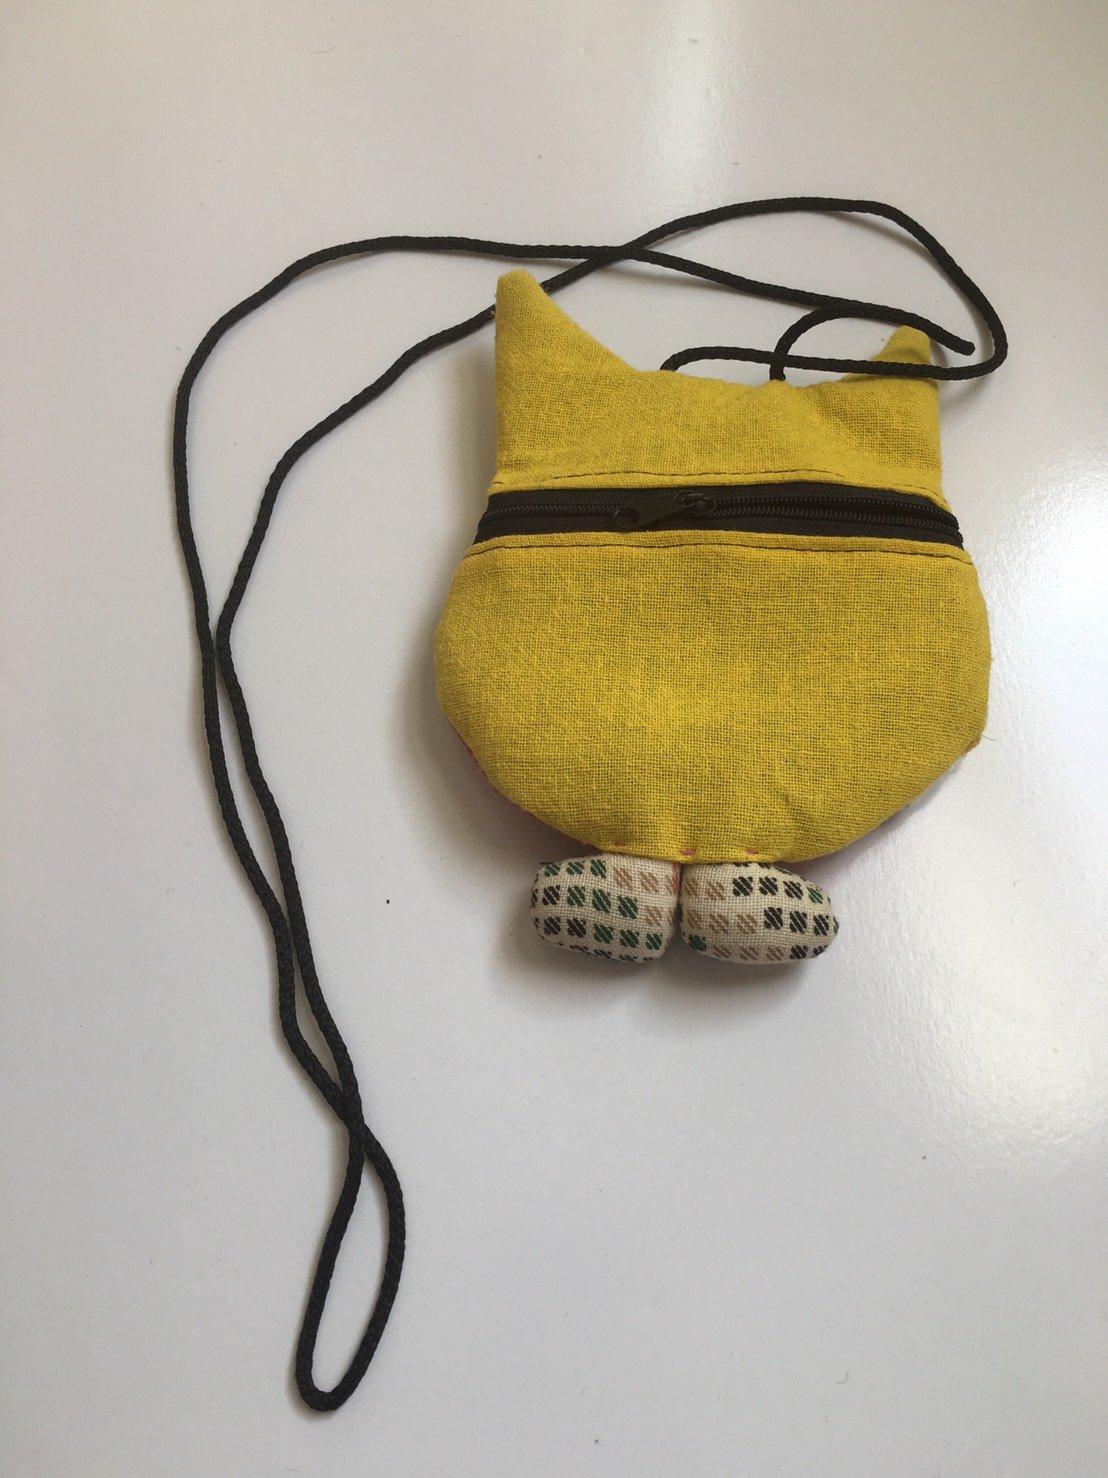 Cartera hanking Tejido a mano algodón Tejido hecho a mano de Tailandia: Amazon.es: Juguetes y juegos